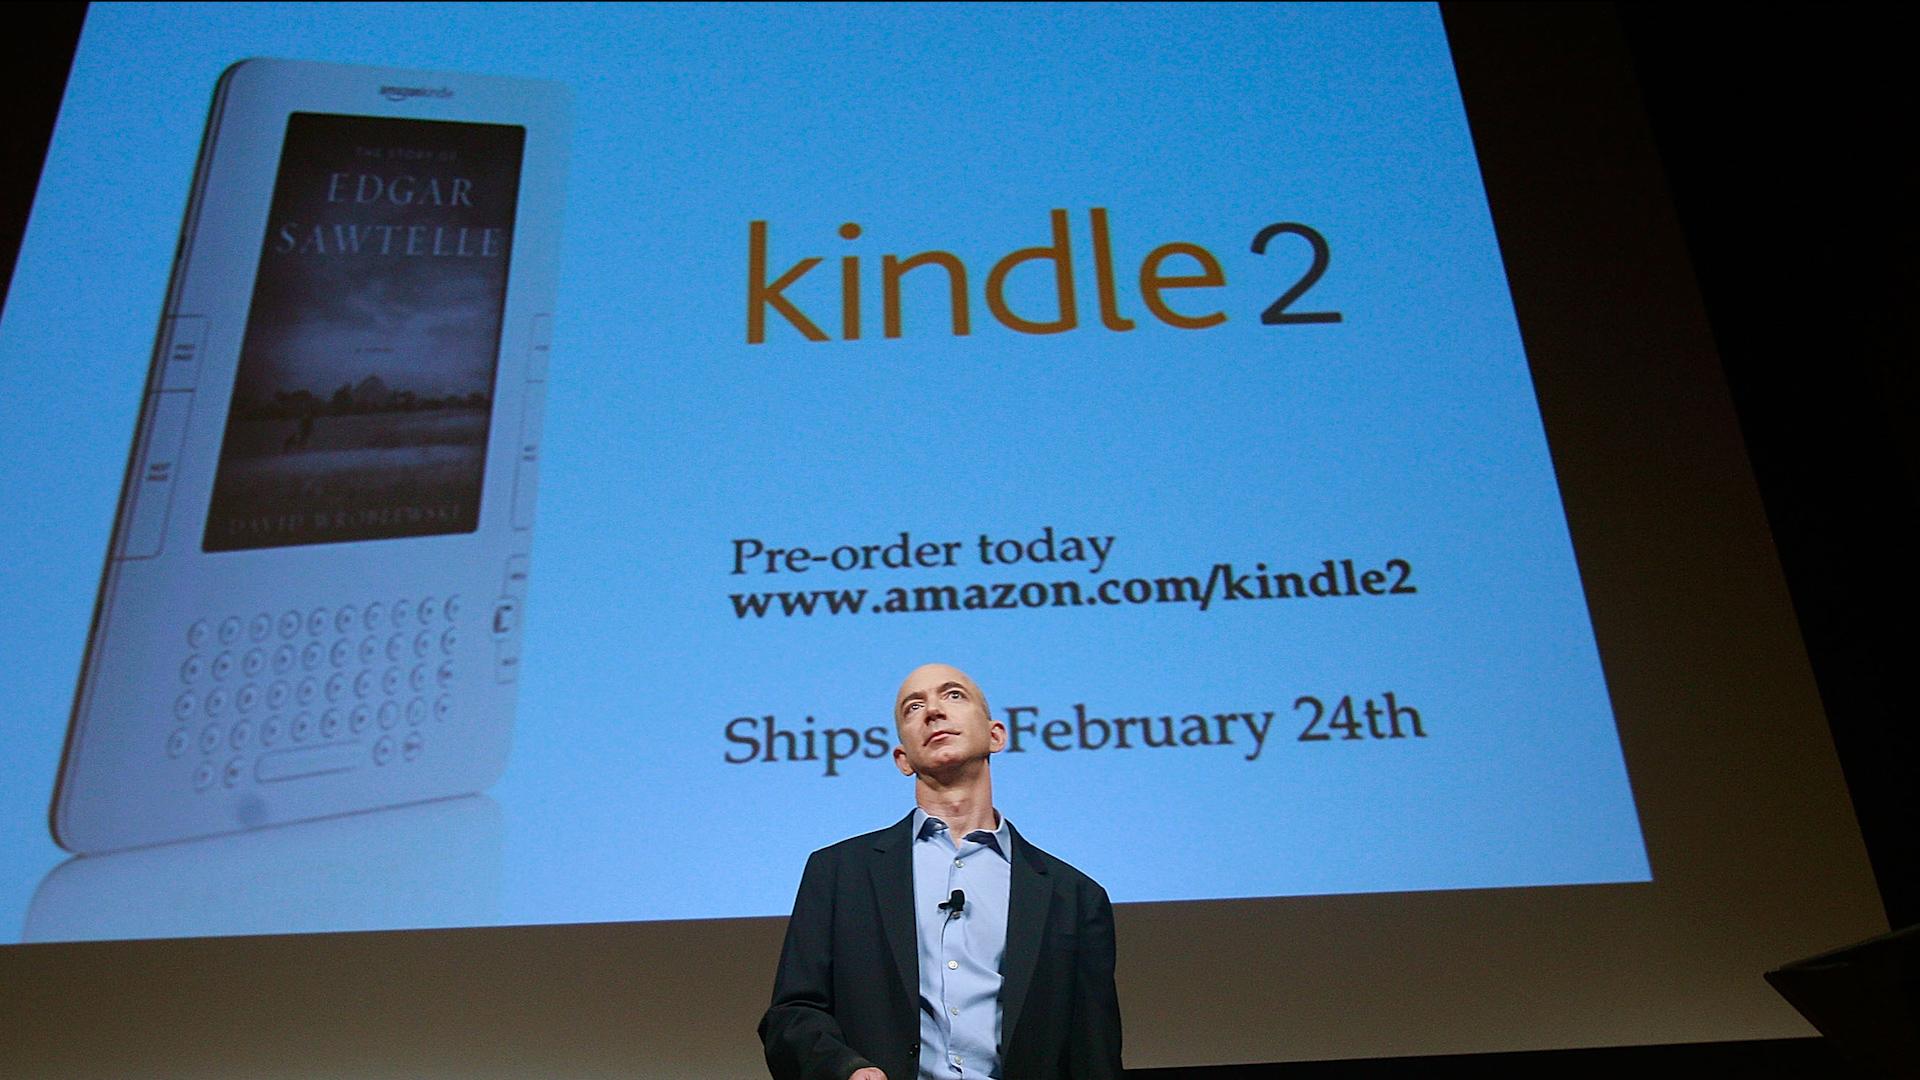 Amazon - Magazine cover